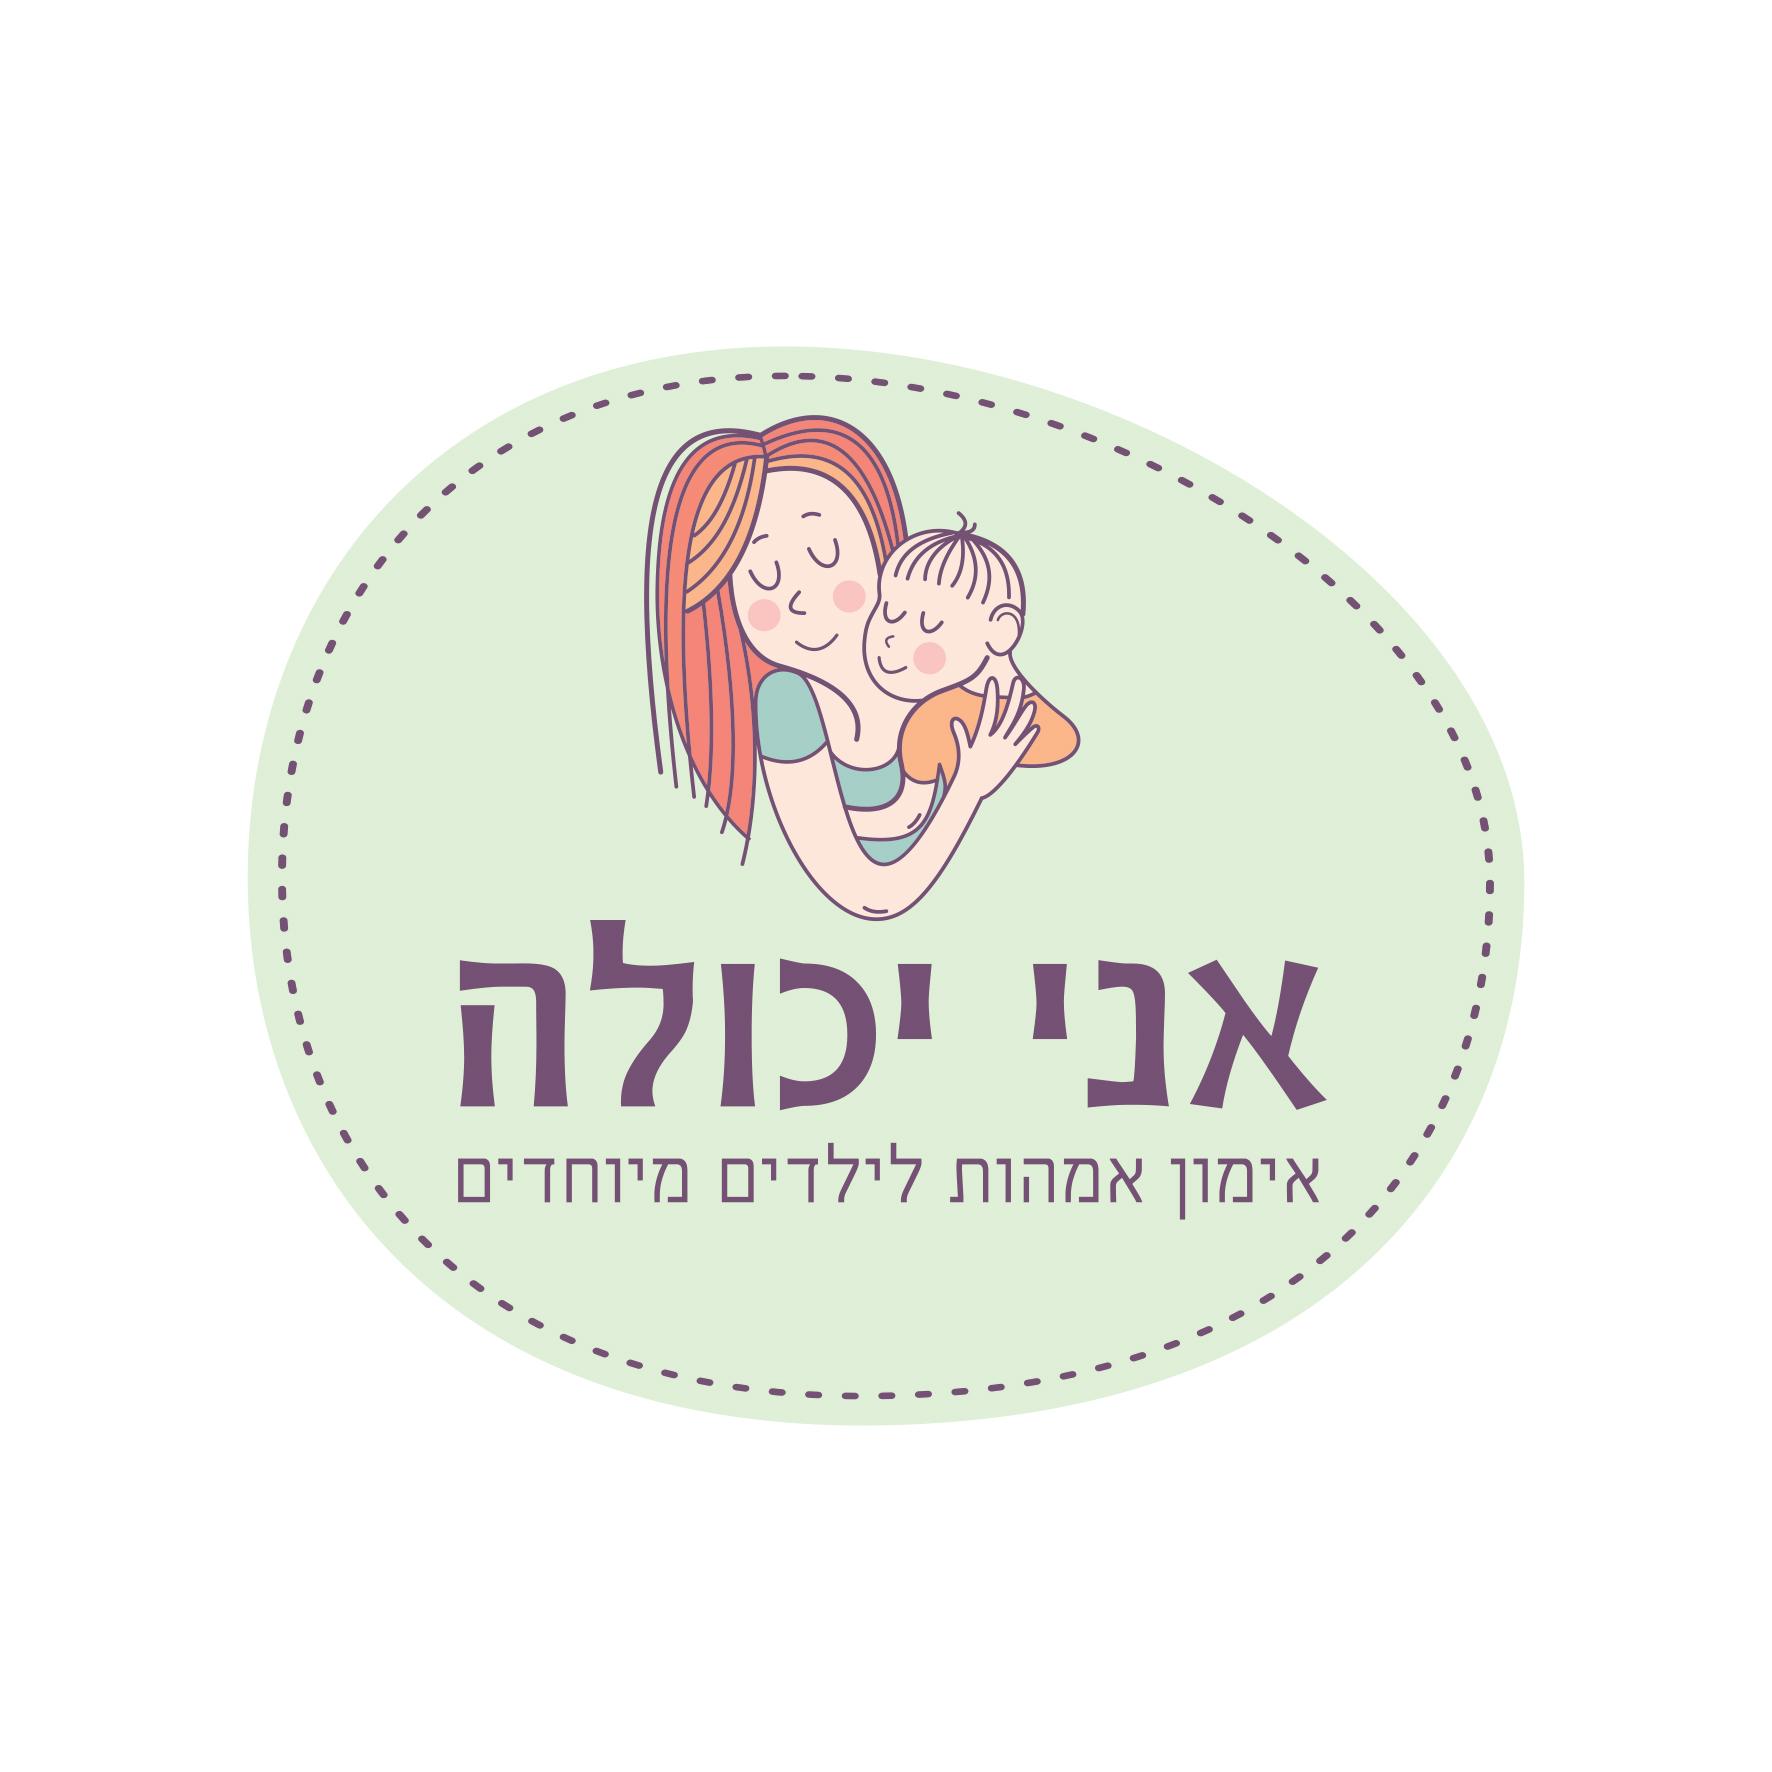 עיצוב לוגו למאמנת